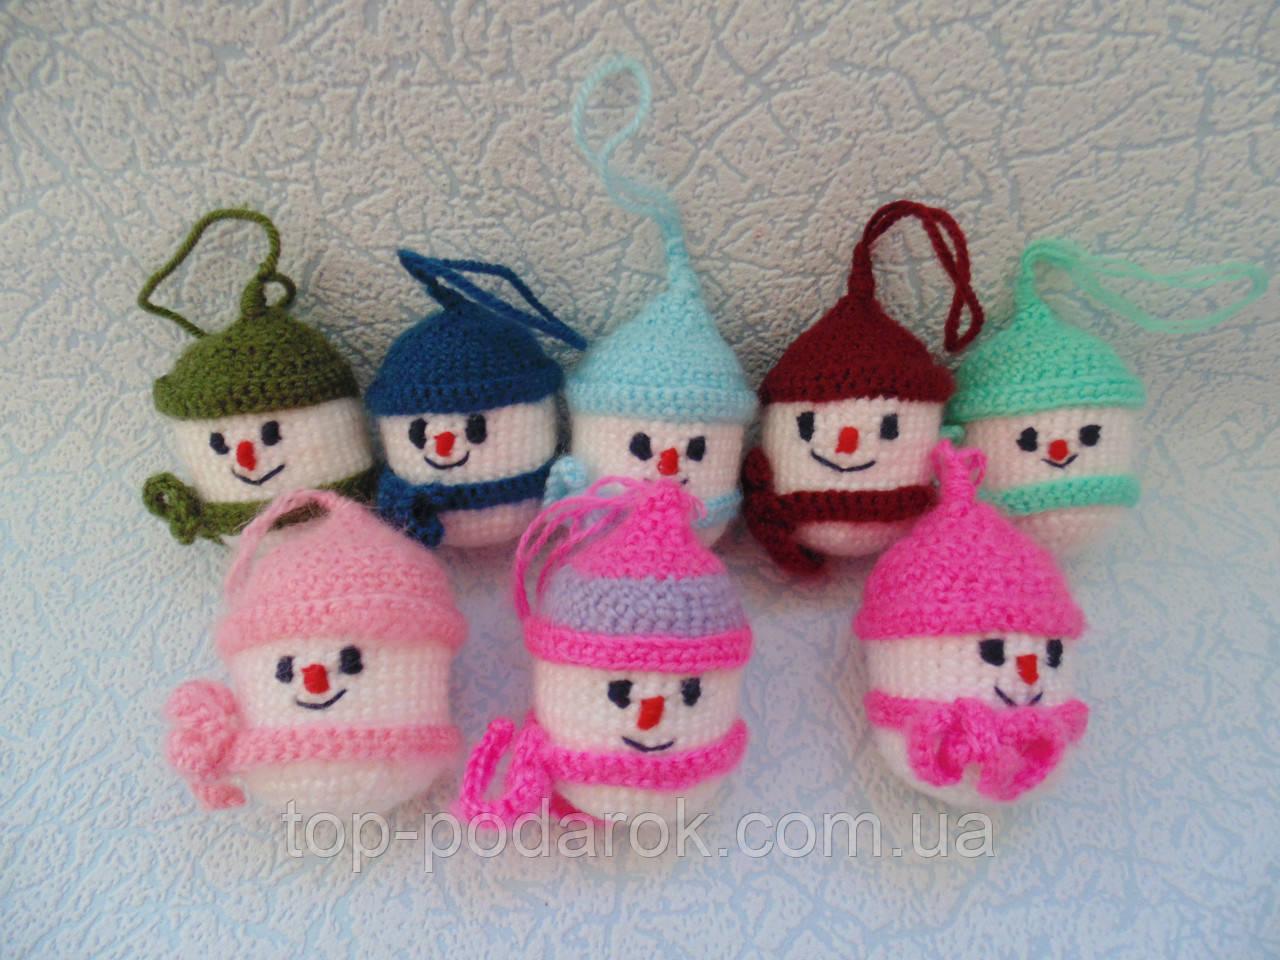 Набор 8 штук Новогодних игрушек ручной работы на елку Снеговик